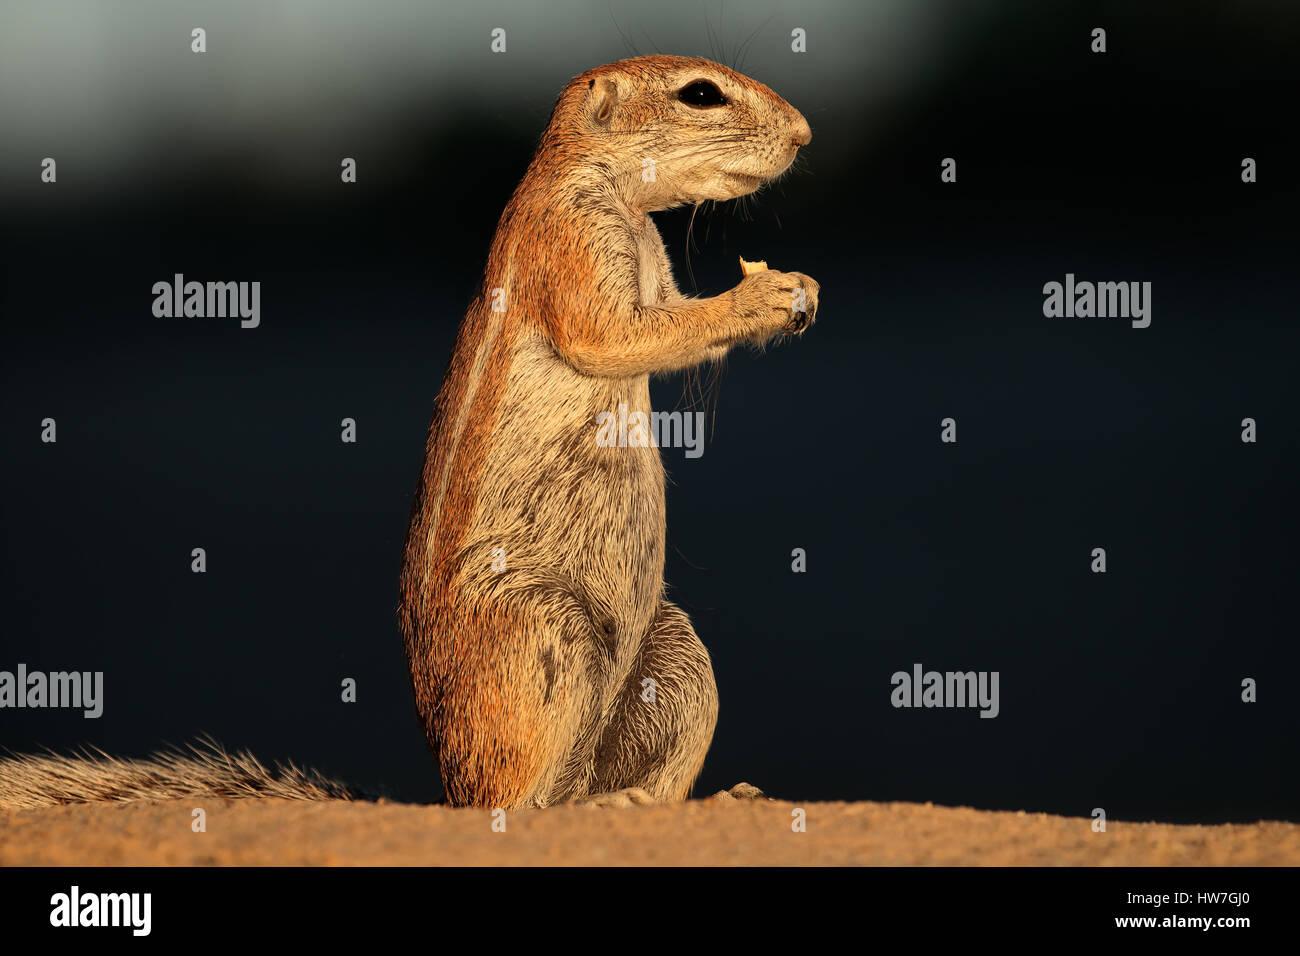 Feeding ground squirrel (Xerus inaurus), Kalahari desert, South Africa - Stock Image